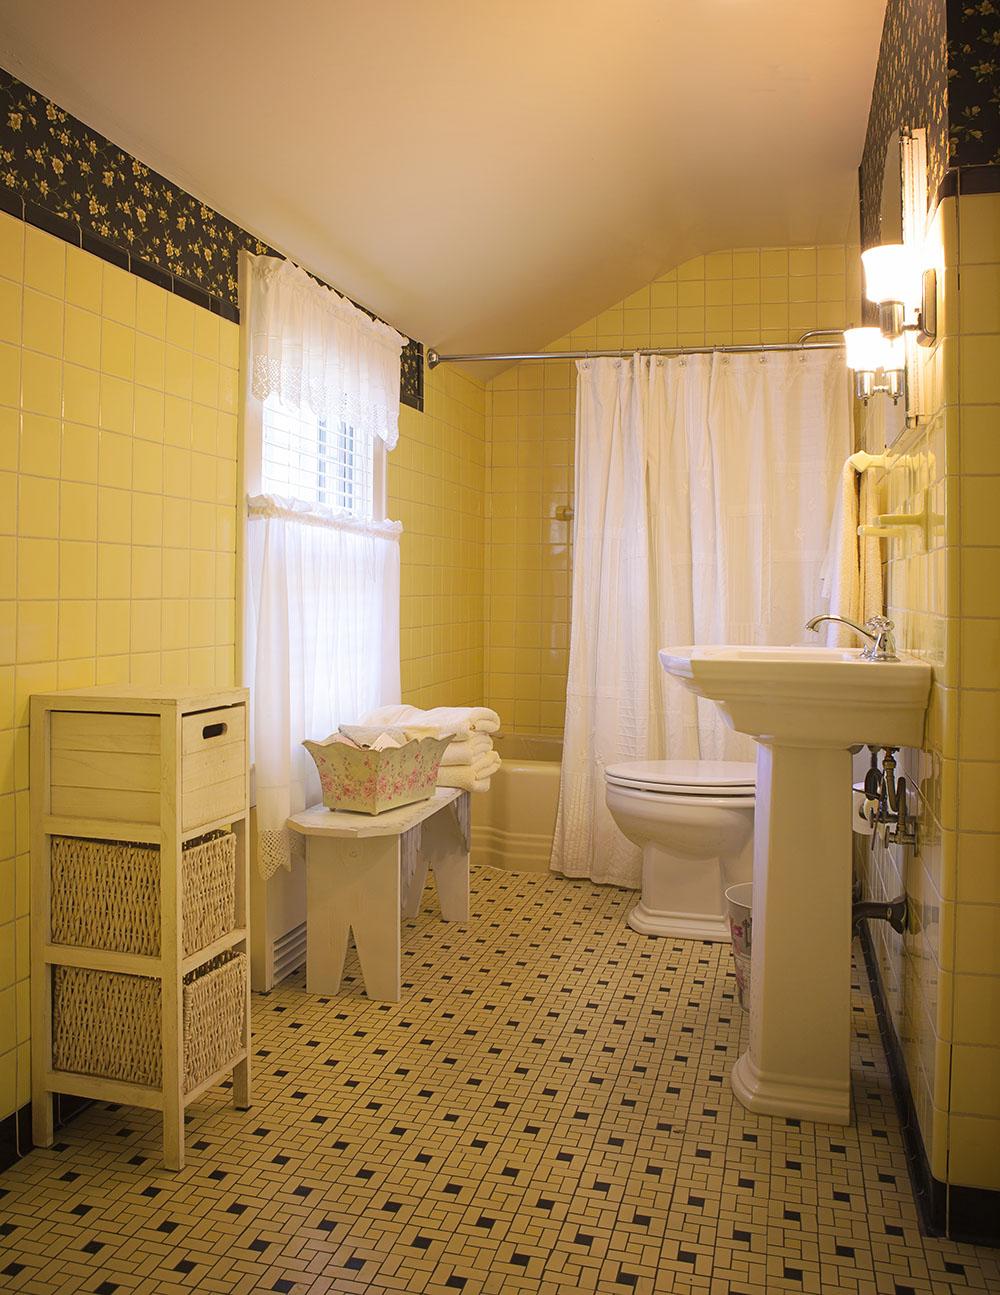 Randall Retreat Colonial Manor B Amp B